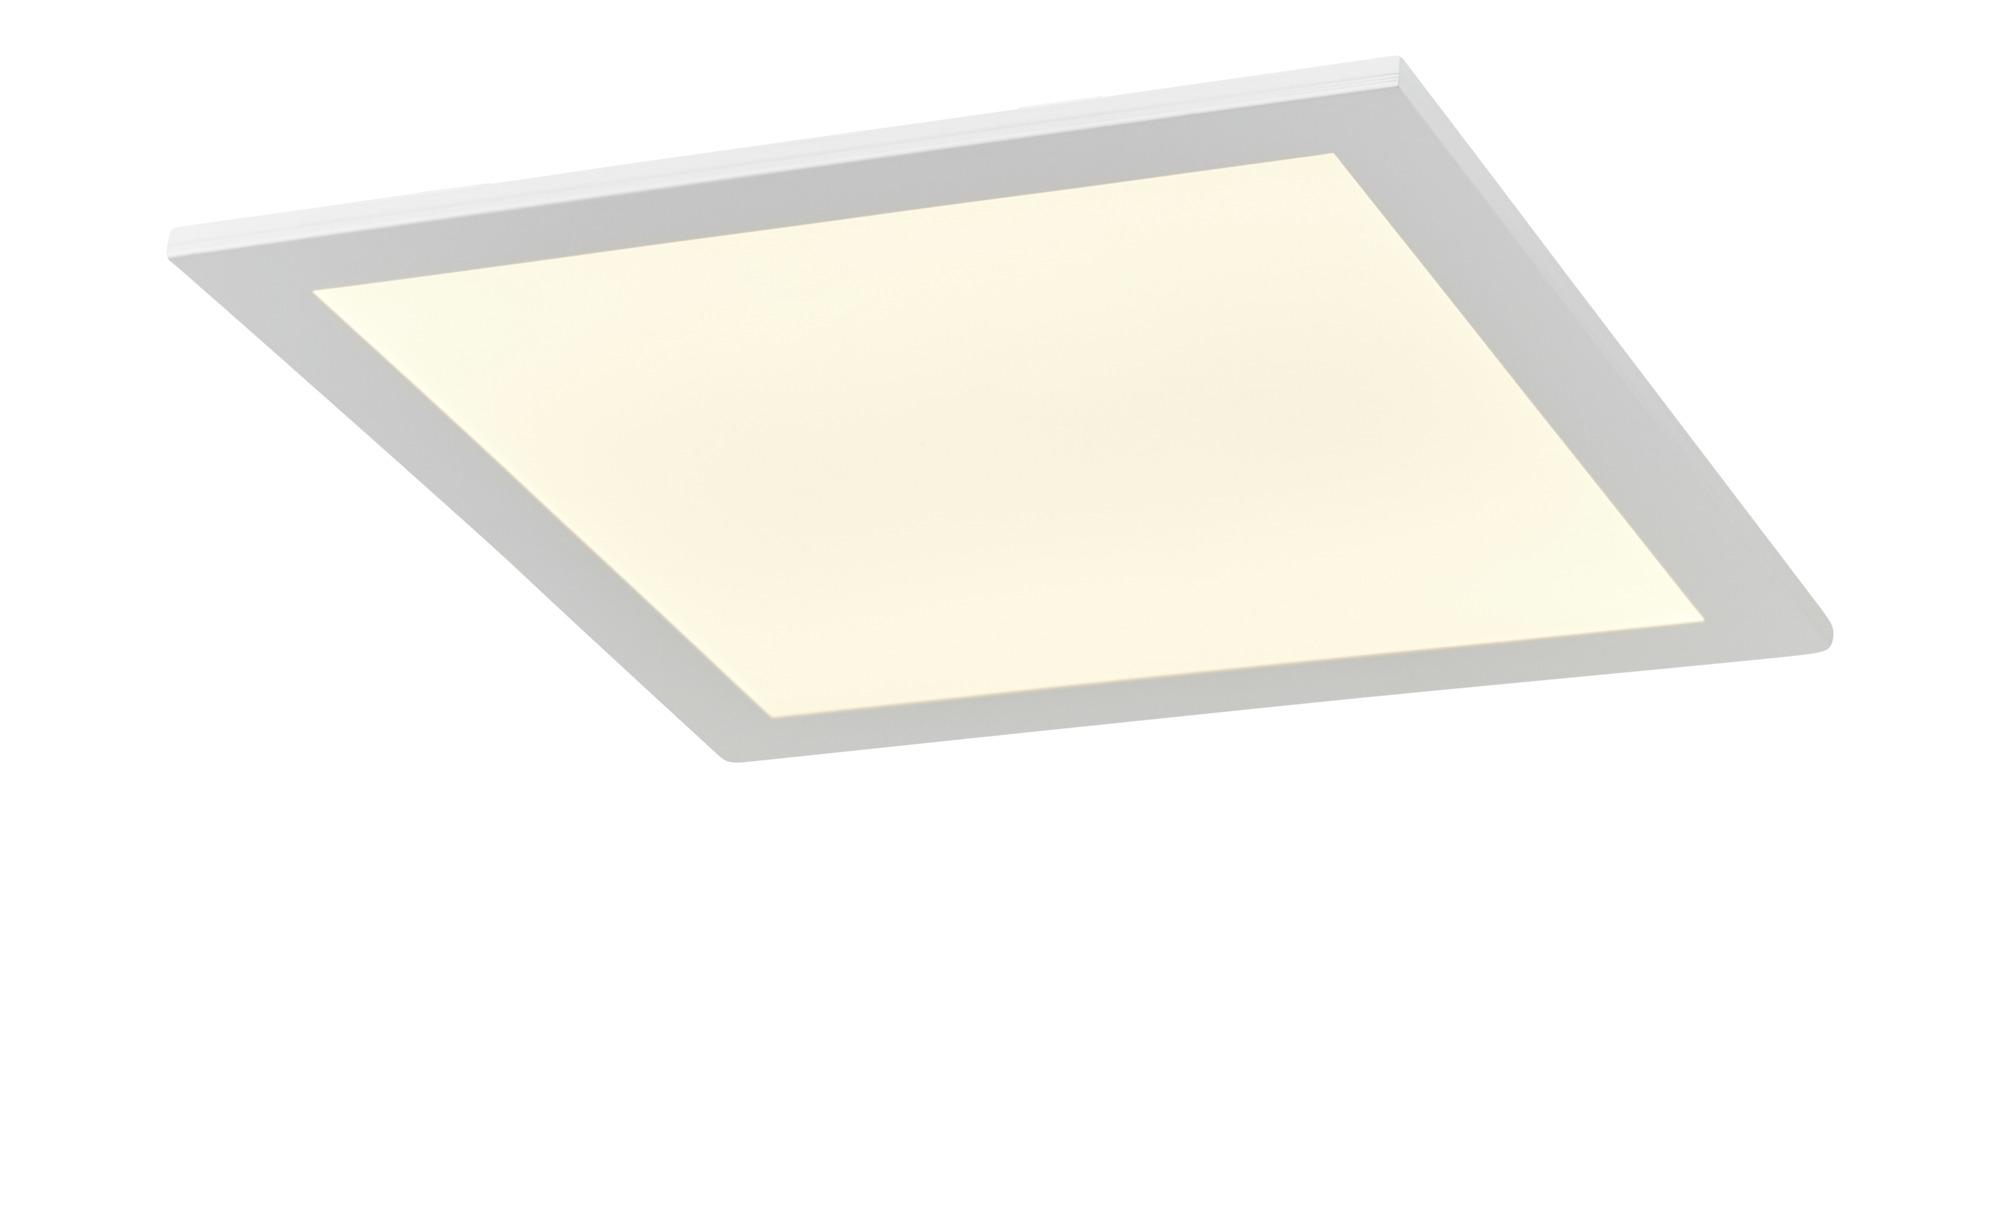 Paul Sommerkamp Leuchten LED-Decken-/ Wandleuchte, 1-flammig, weiß ¦ weiß ¦ Maße (cm): B: 30 H: 4,5 Lampen & Leuchten > Innenleuchten > Wandleuchten - Höffner